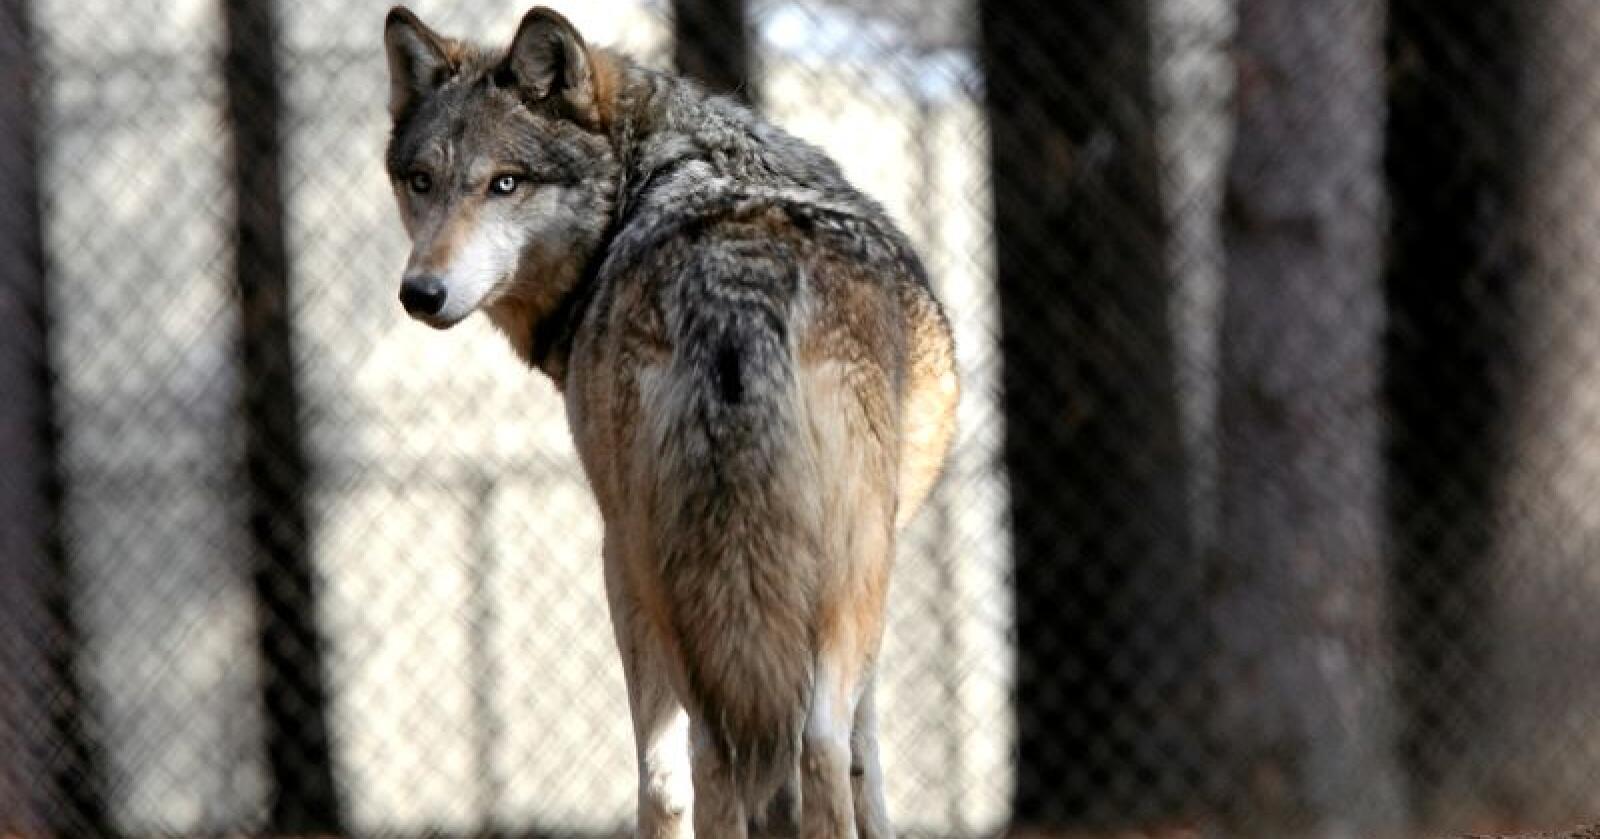 Flere ulveflokker har reetablert seg utenfor Madrid. Illustrasjonsfoto: Dave Kettering / AP